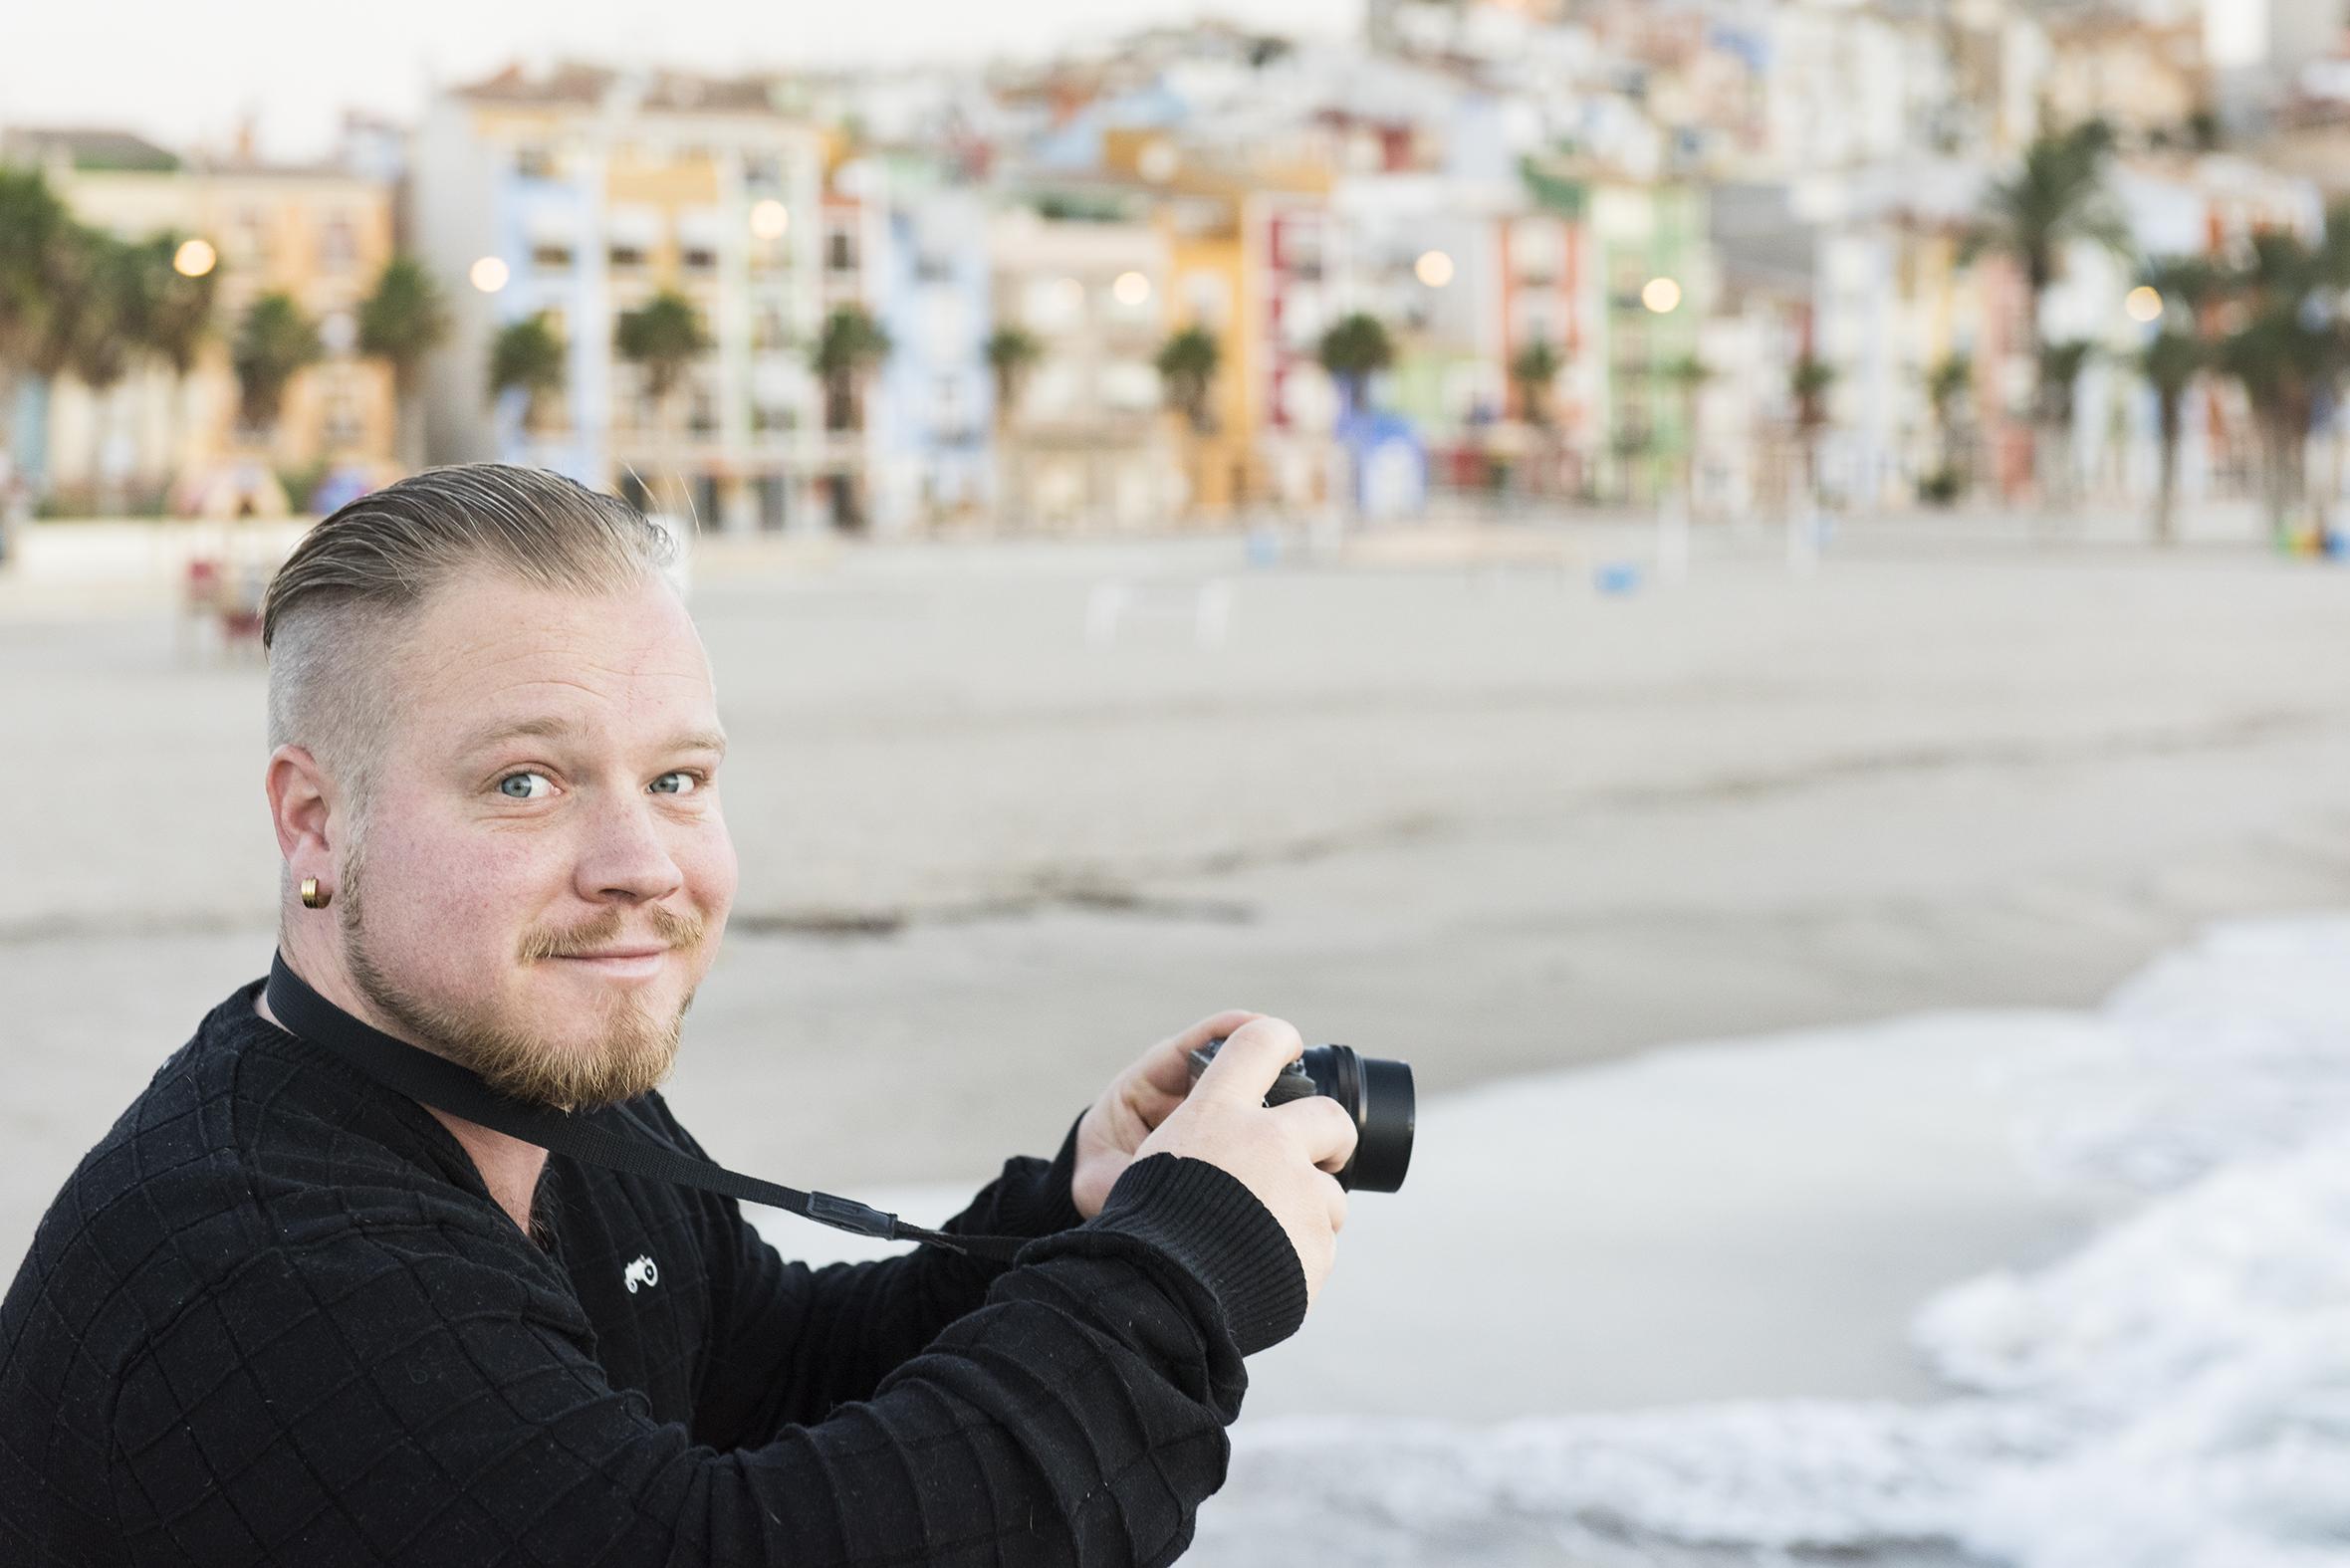 Fotokurs Oslo Lær å ta bedre bilder